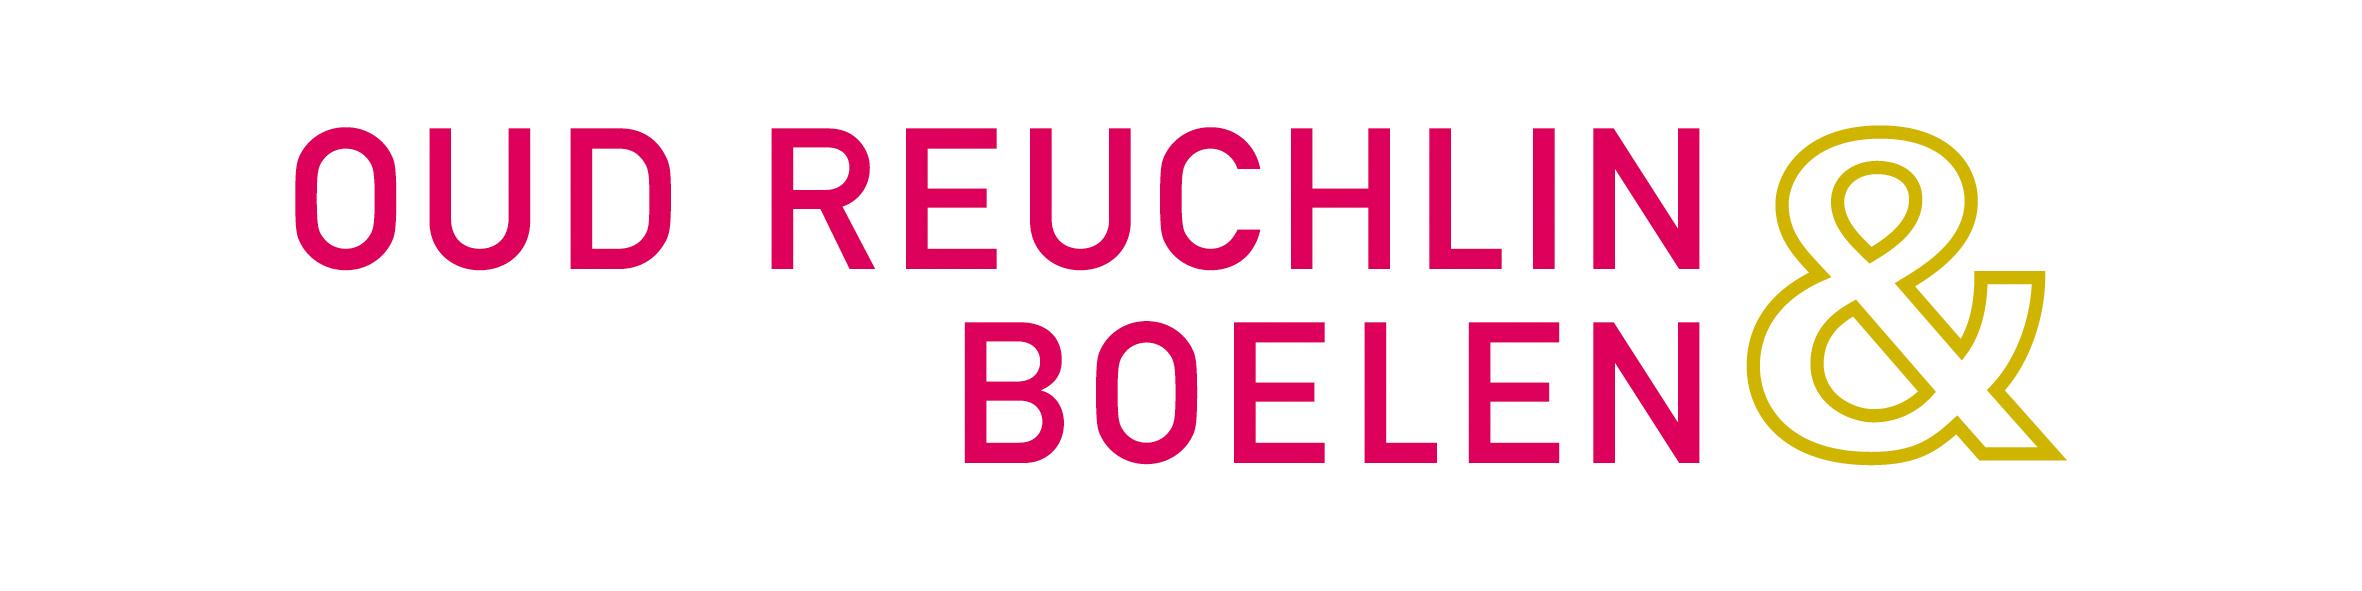 Oud Reuchlin & Boelen wijnen